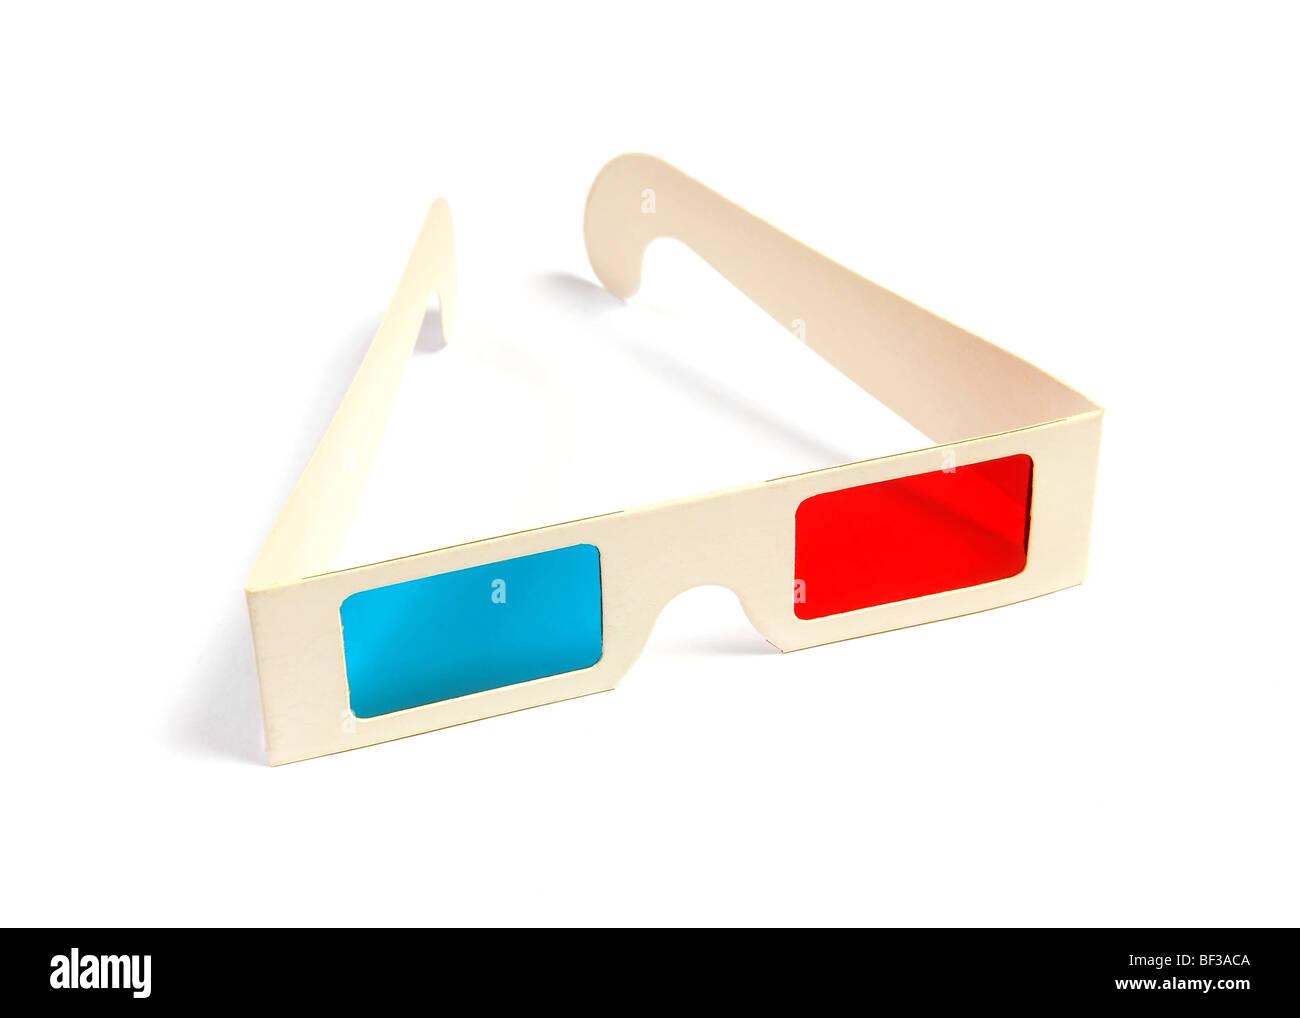 Cinema occhiali stereo con blu e occhi rossi isolato su bianco Immagini Stock